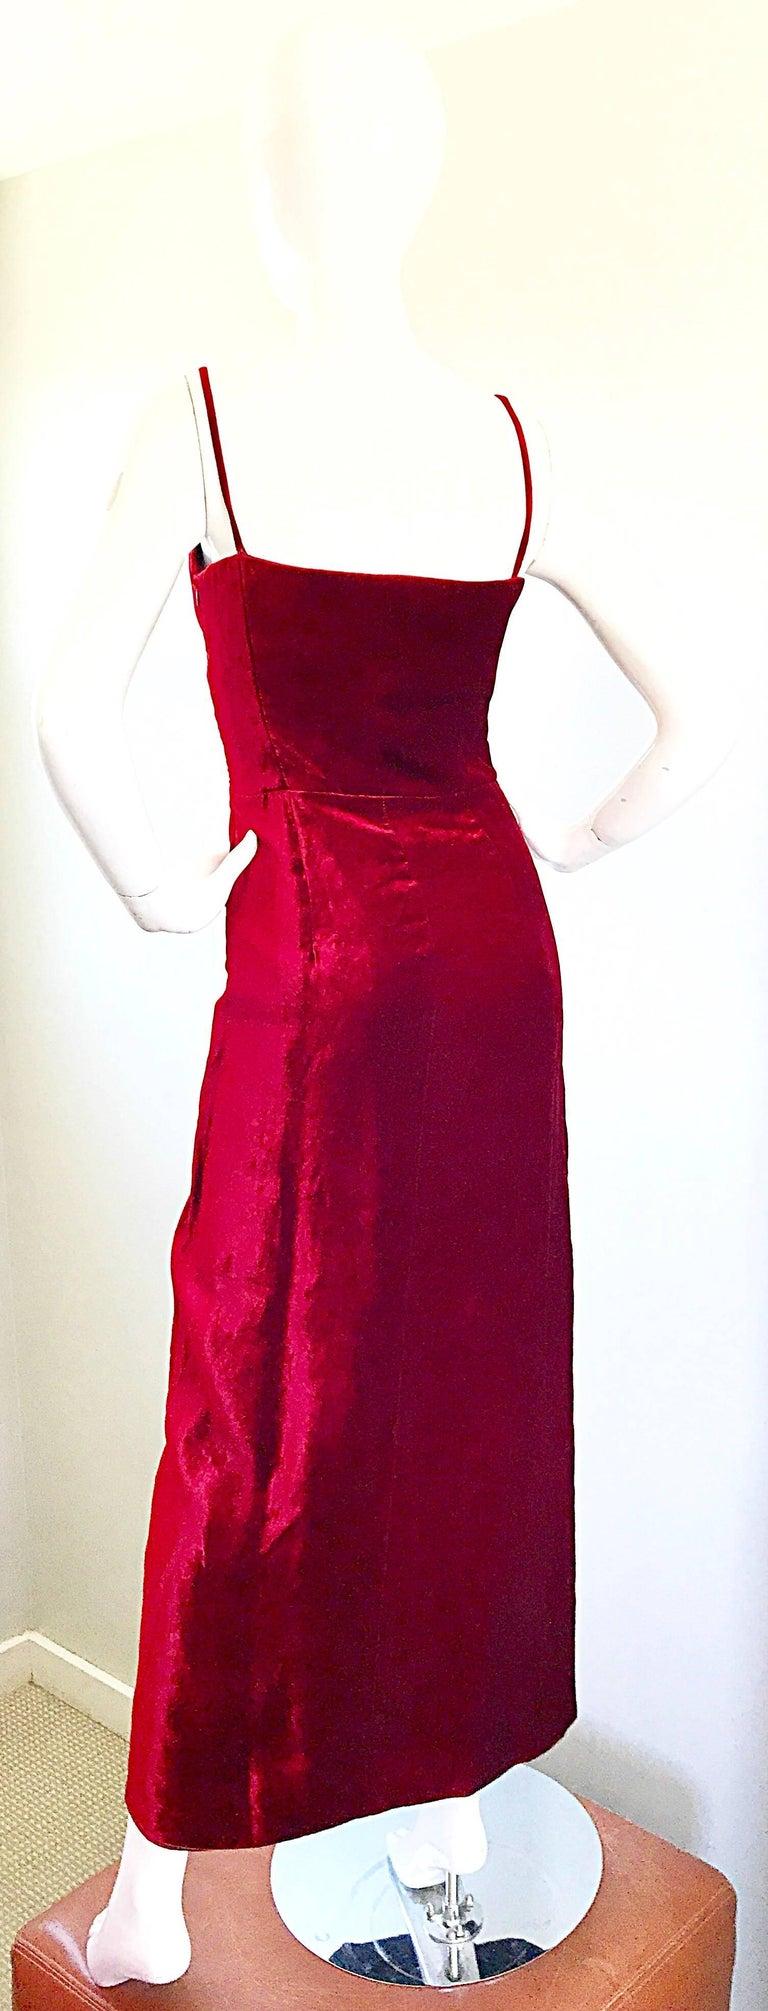 Giorgio Armani Collezioni Vintage Crimson Red Silk Velvet Gown Size 8, 1990s For Sale 4